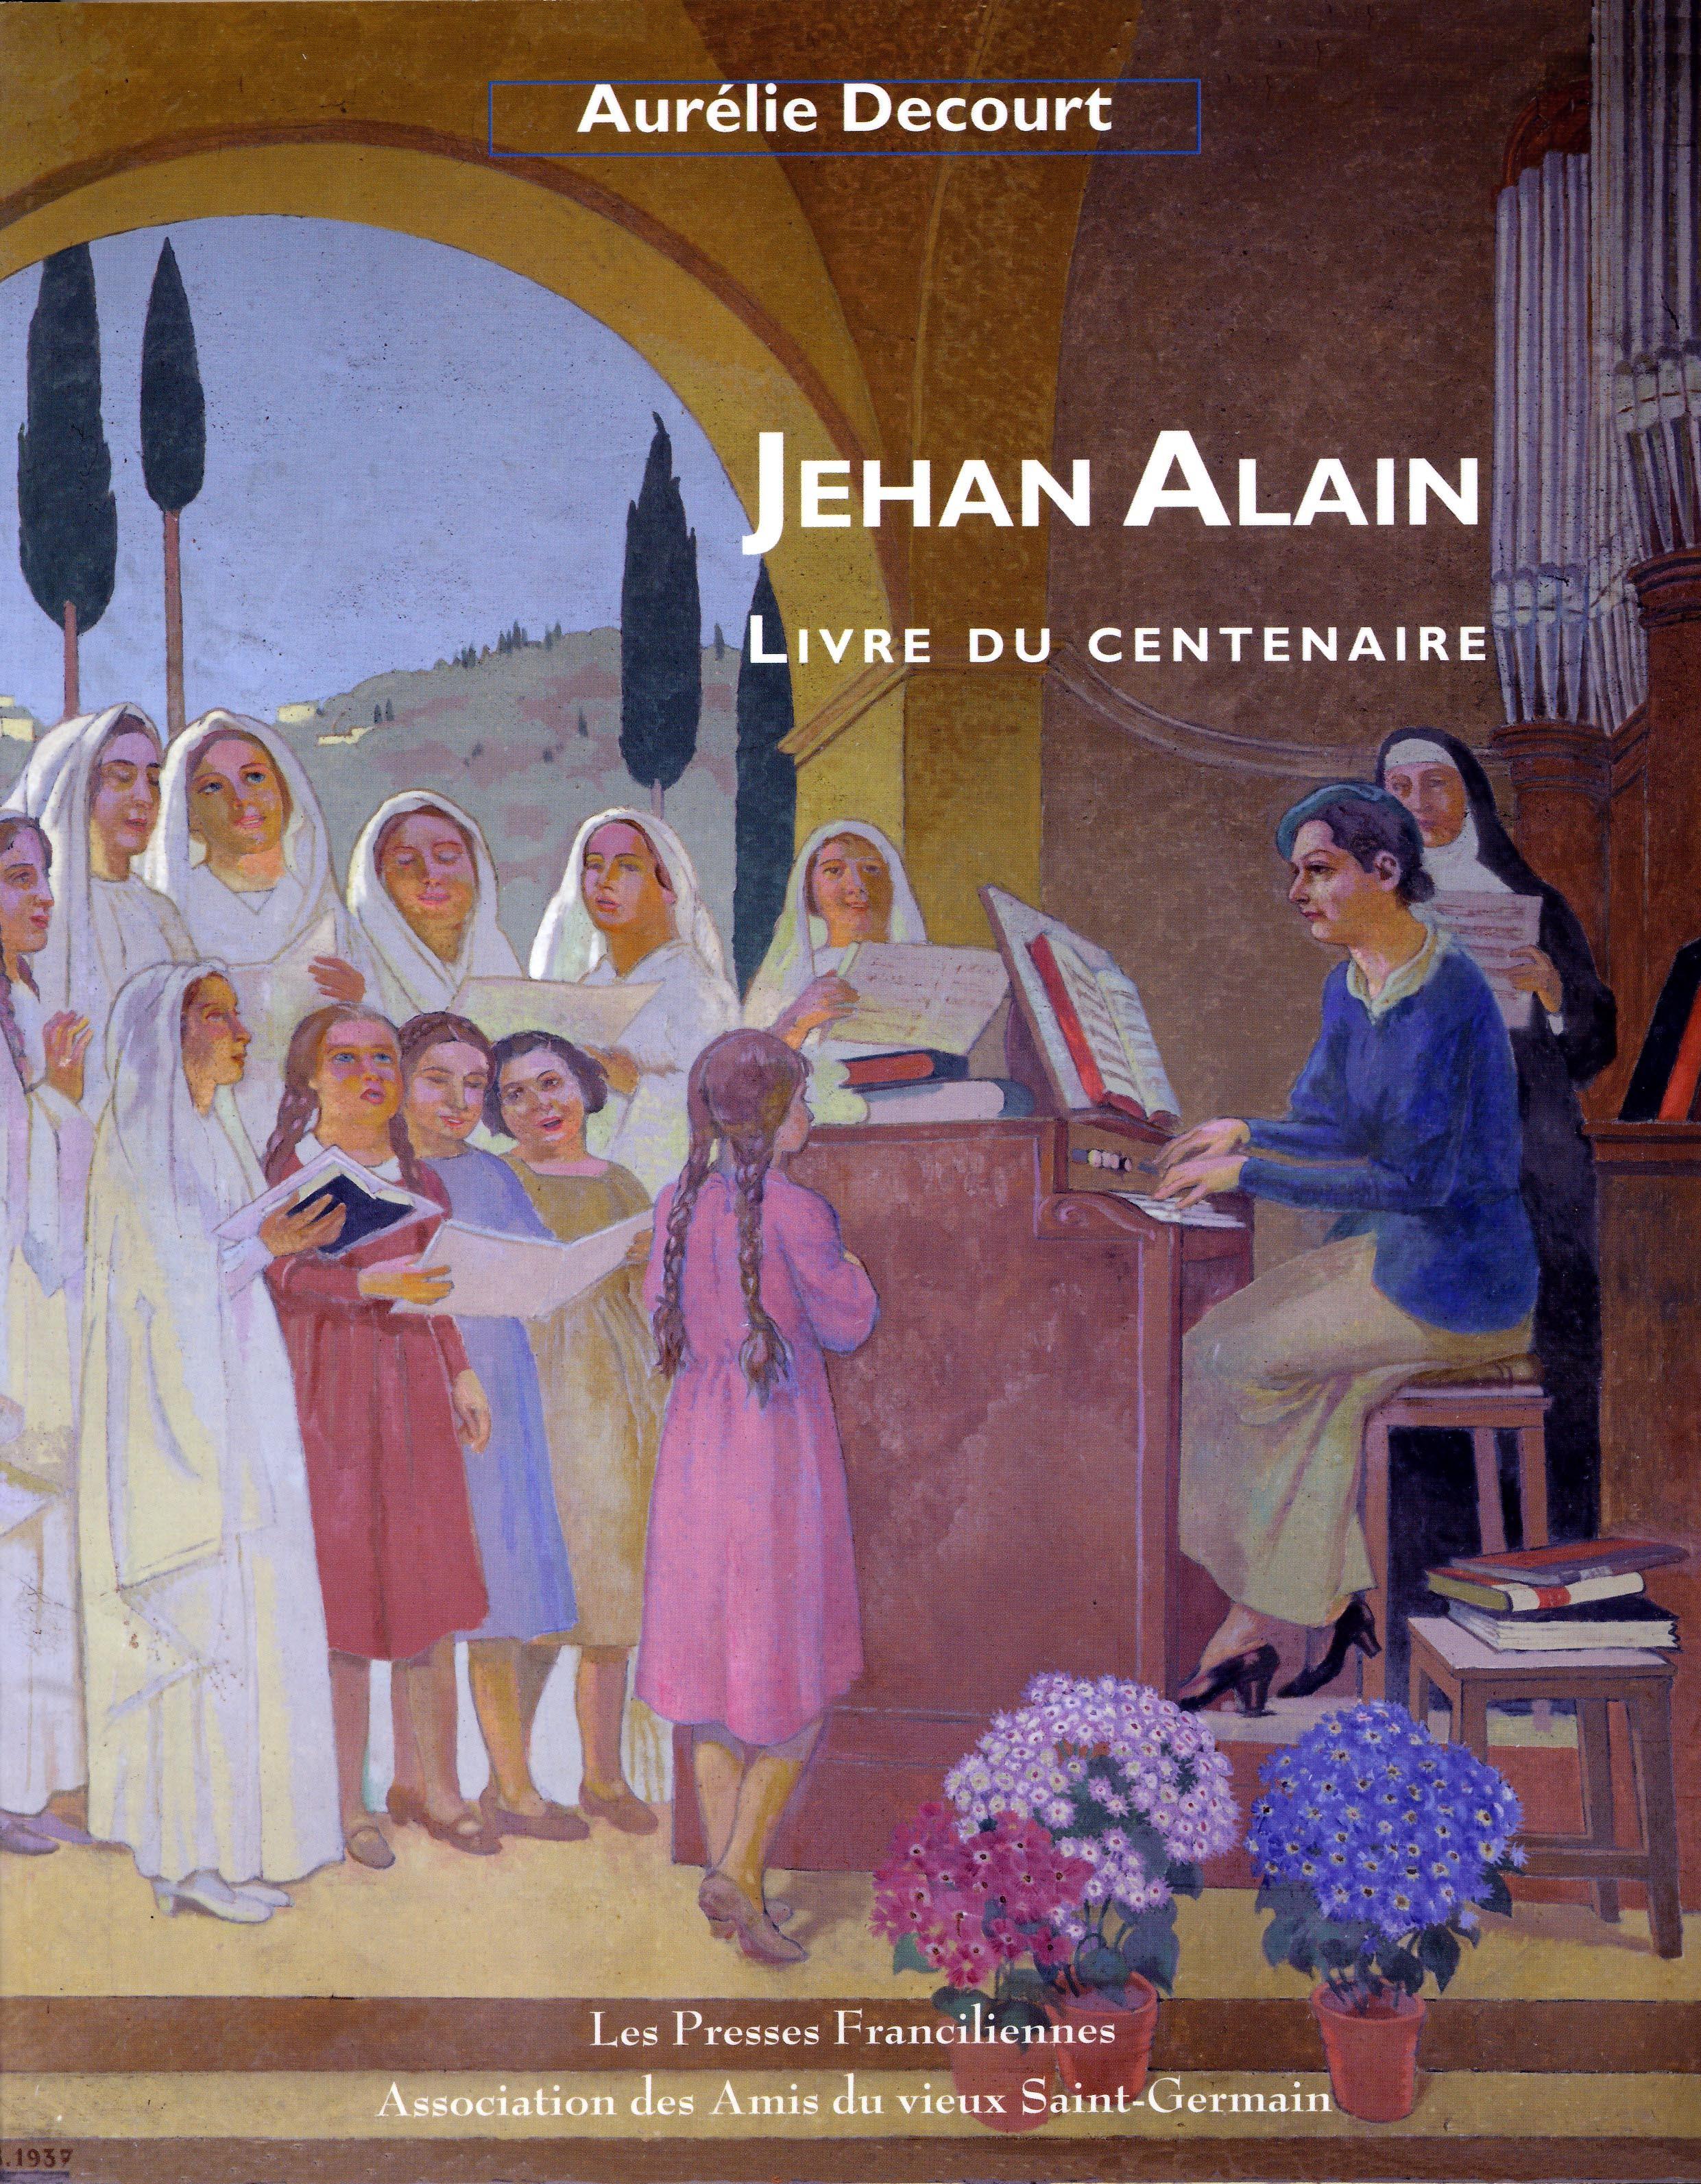 JEHAN ALAIN - LIVRE DU CENTENAIRE - LIVRE